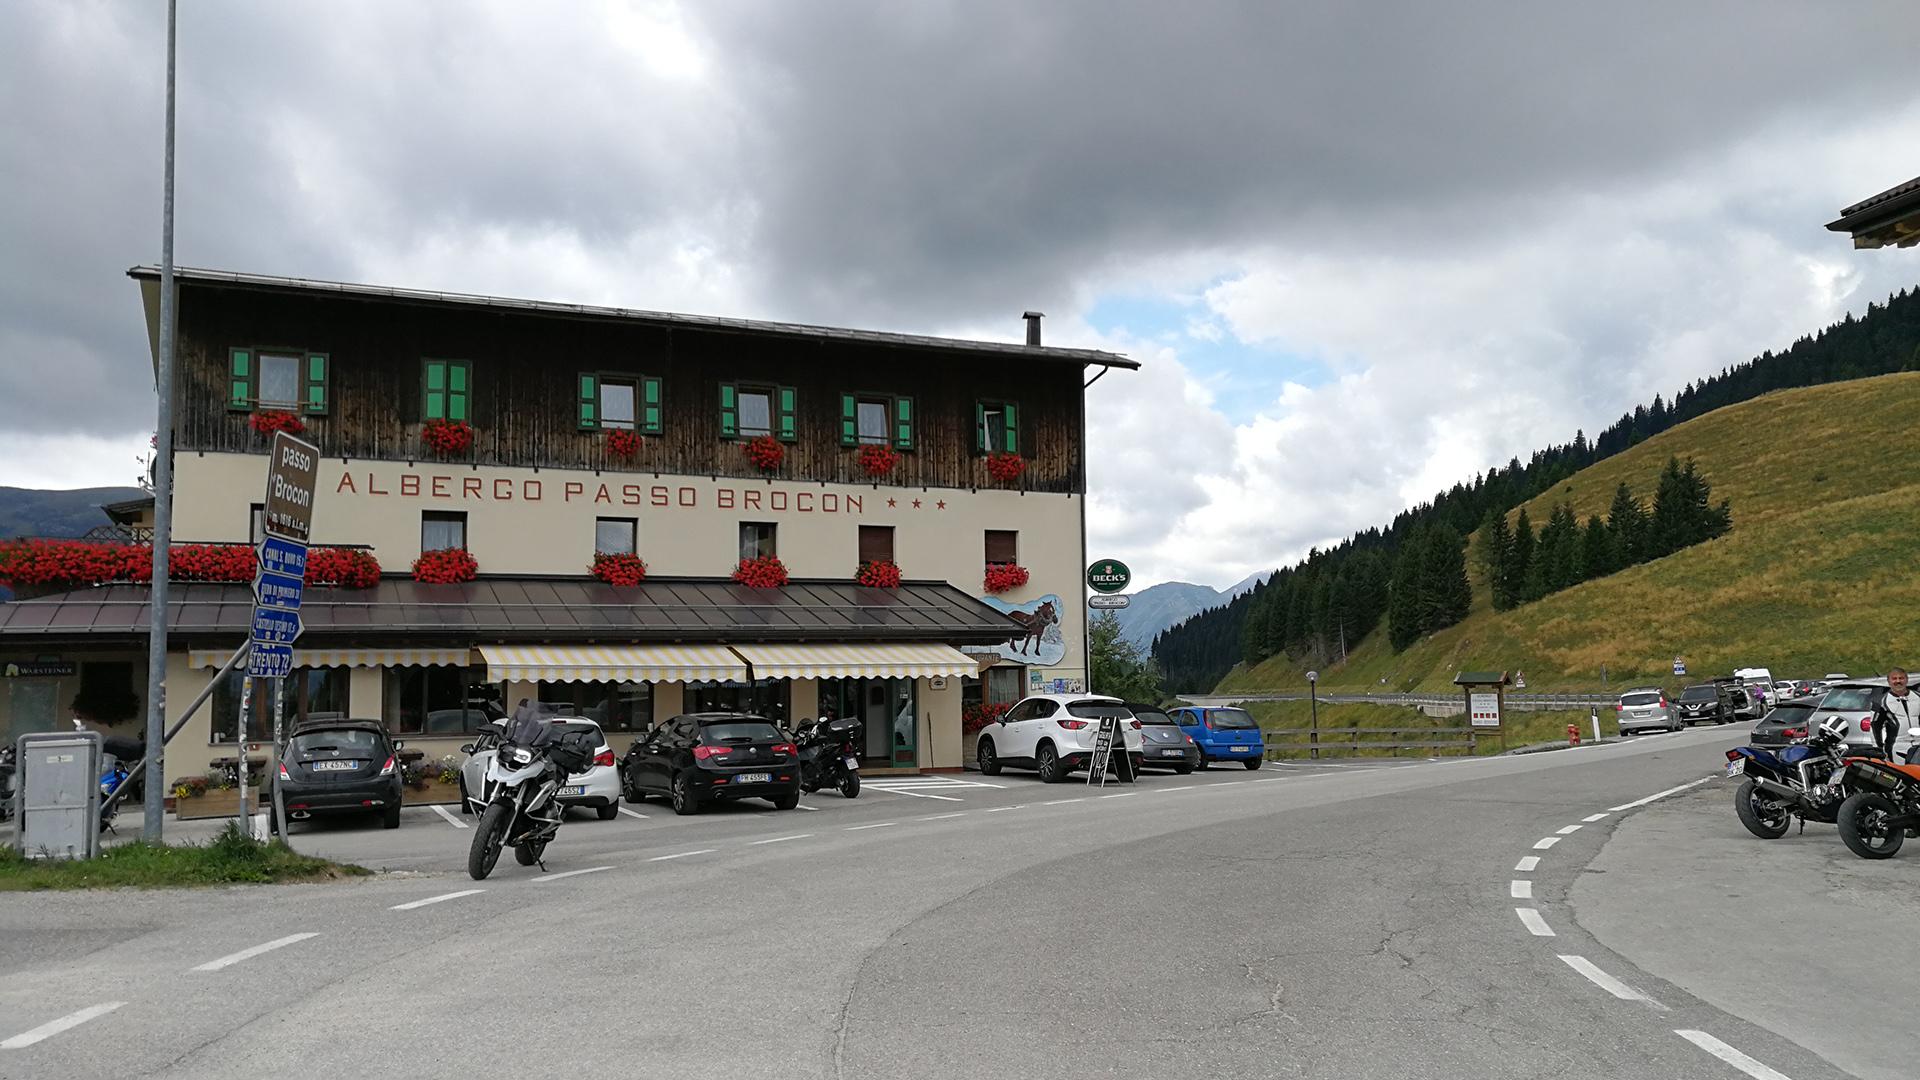 1616 - I - Passo Broncon